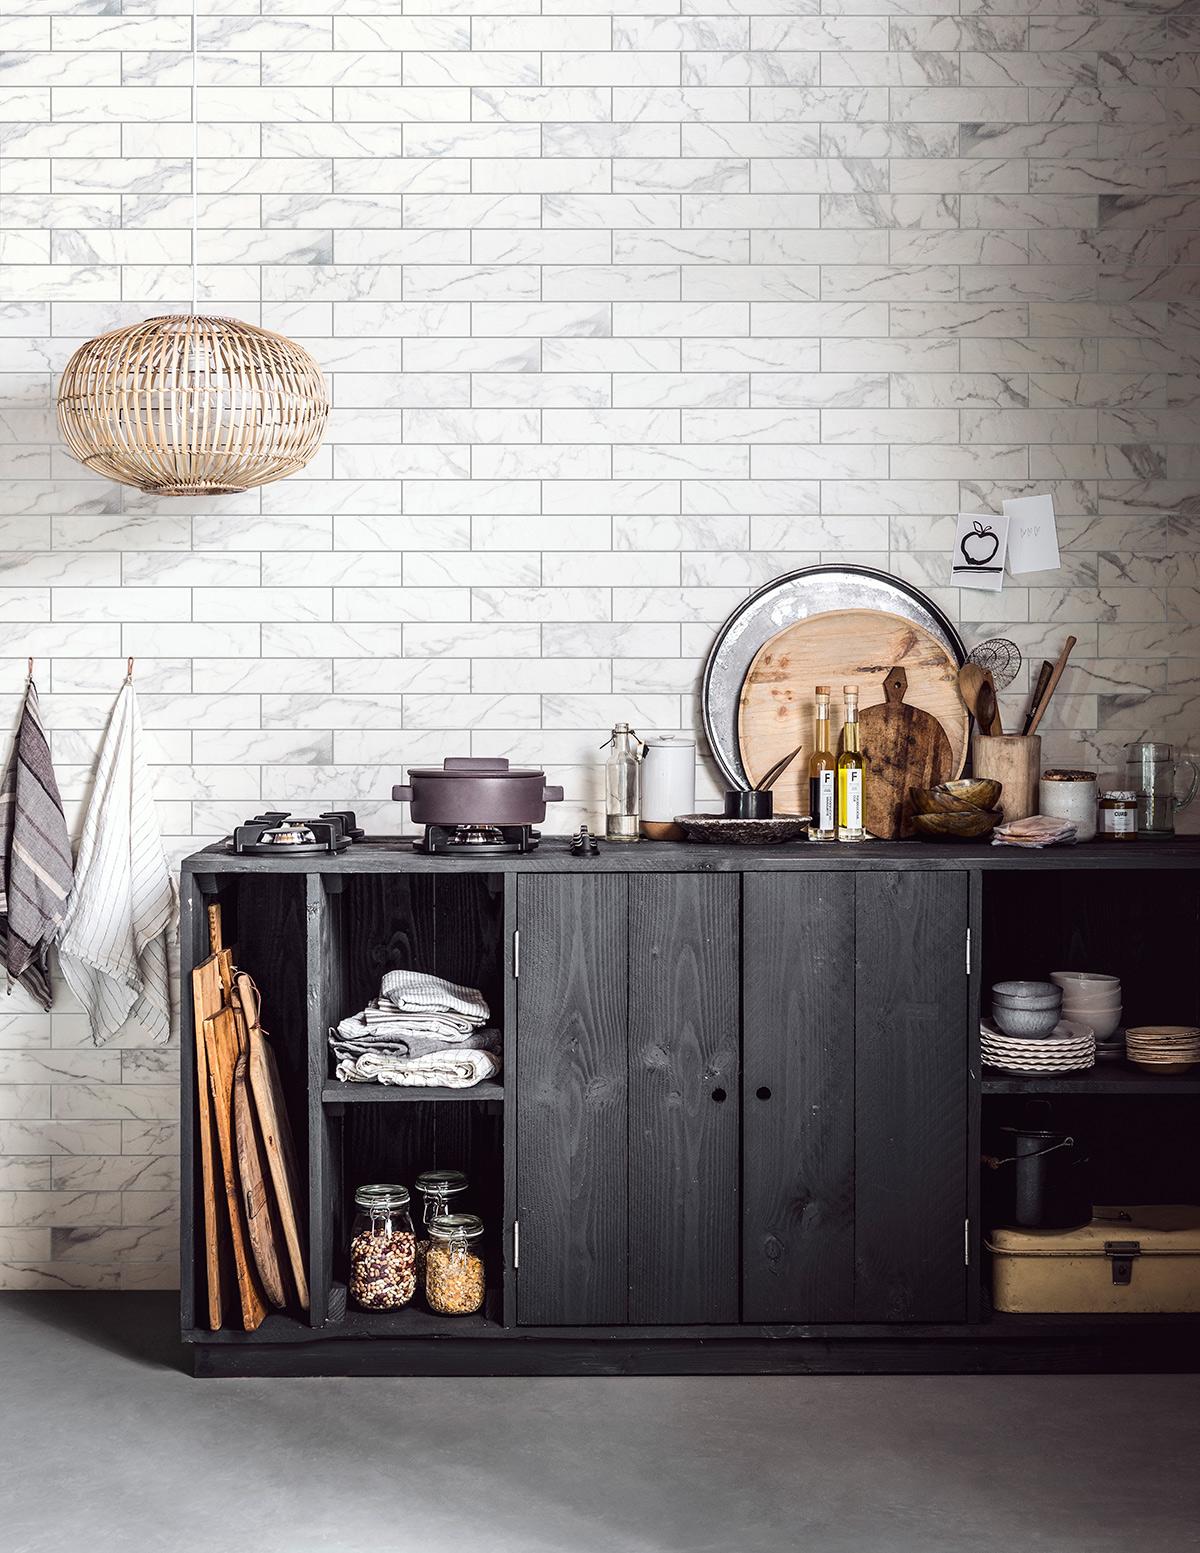 Keuken met vtwonen tegels Marble